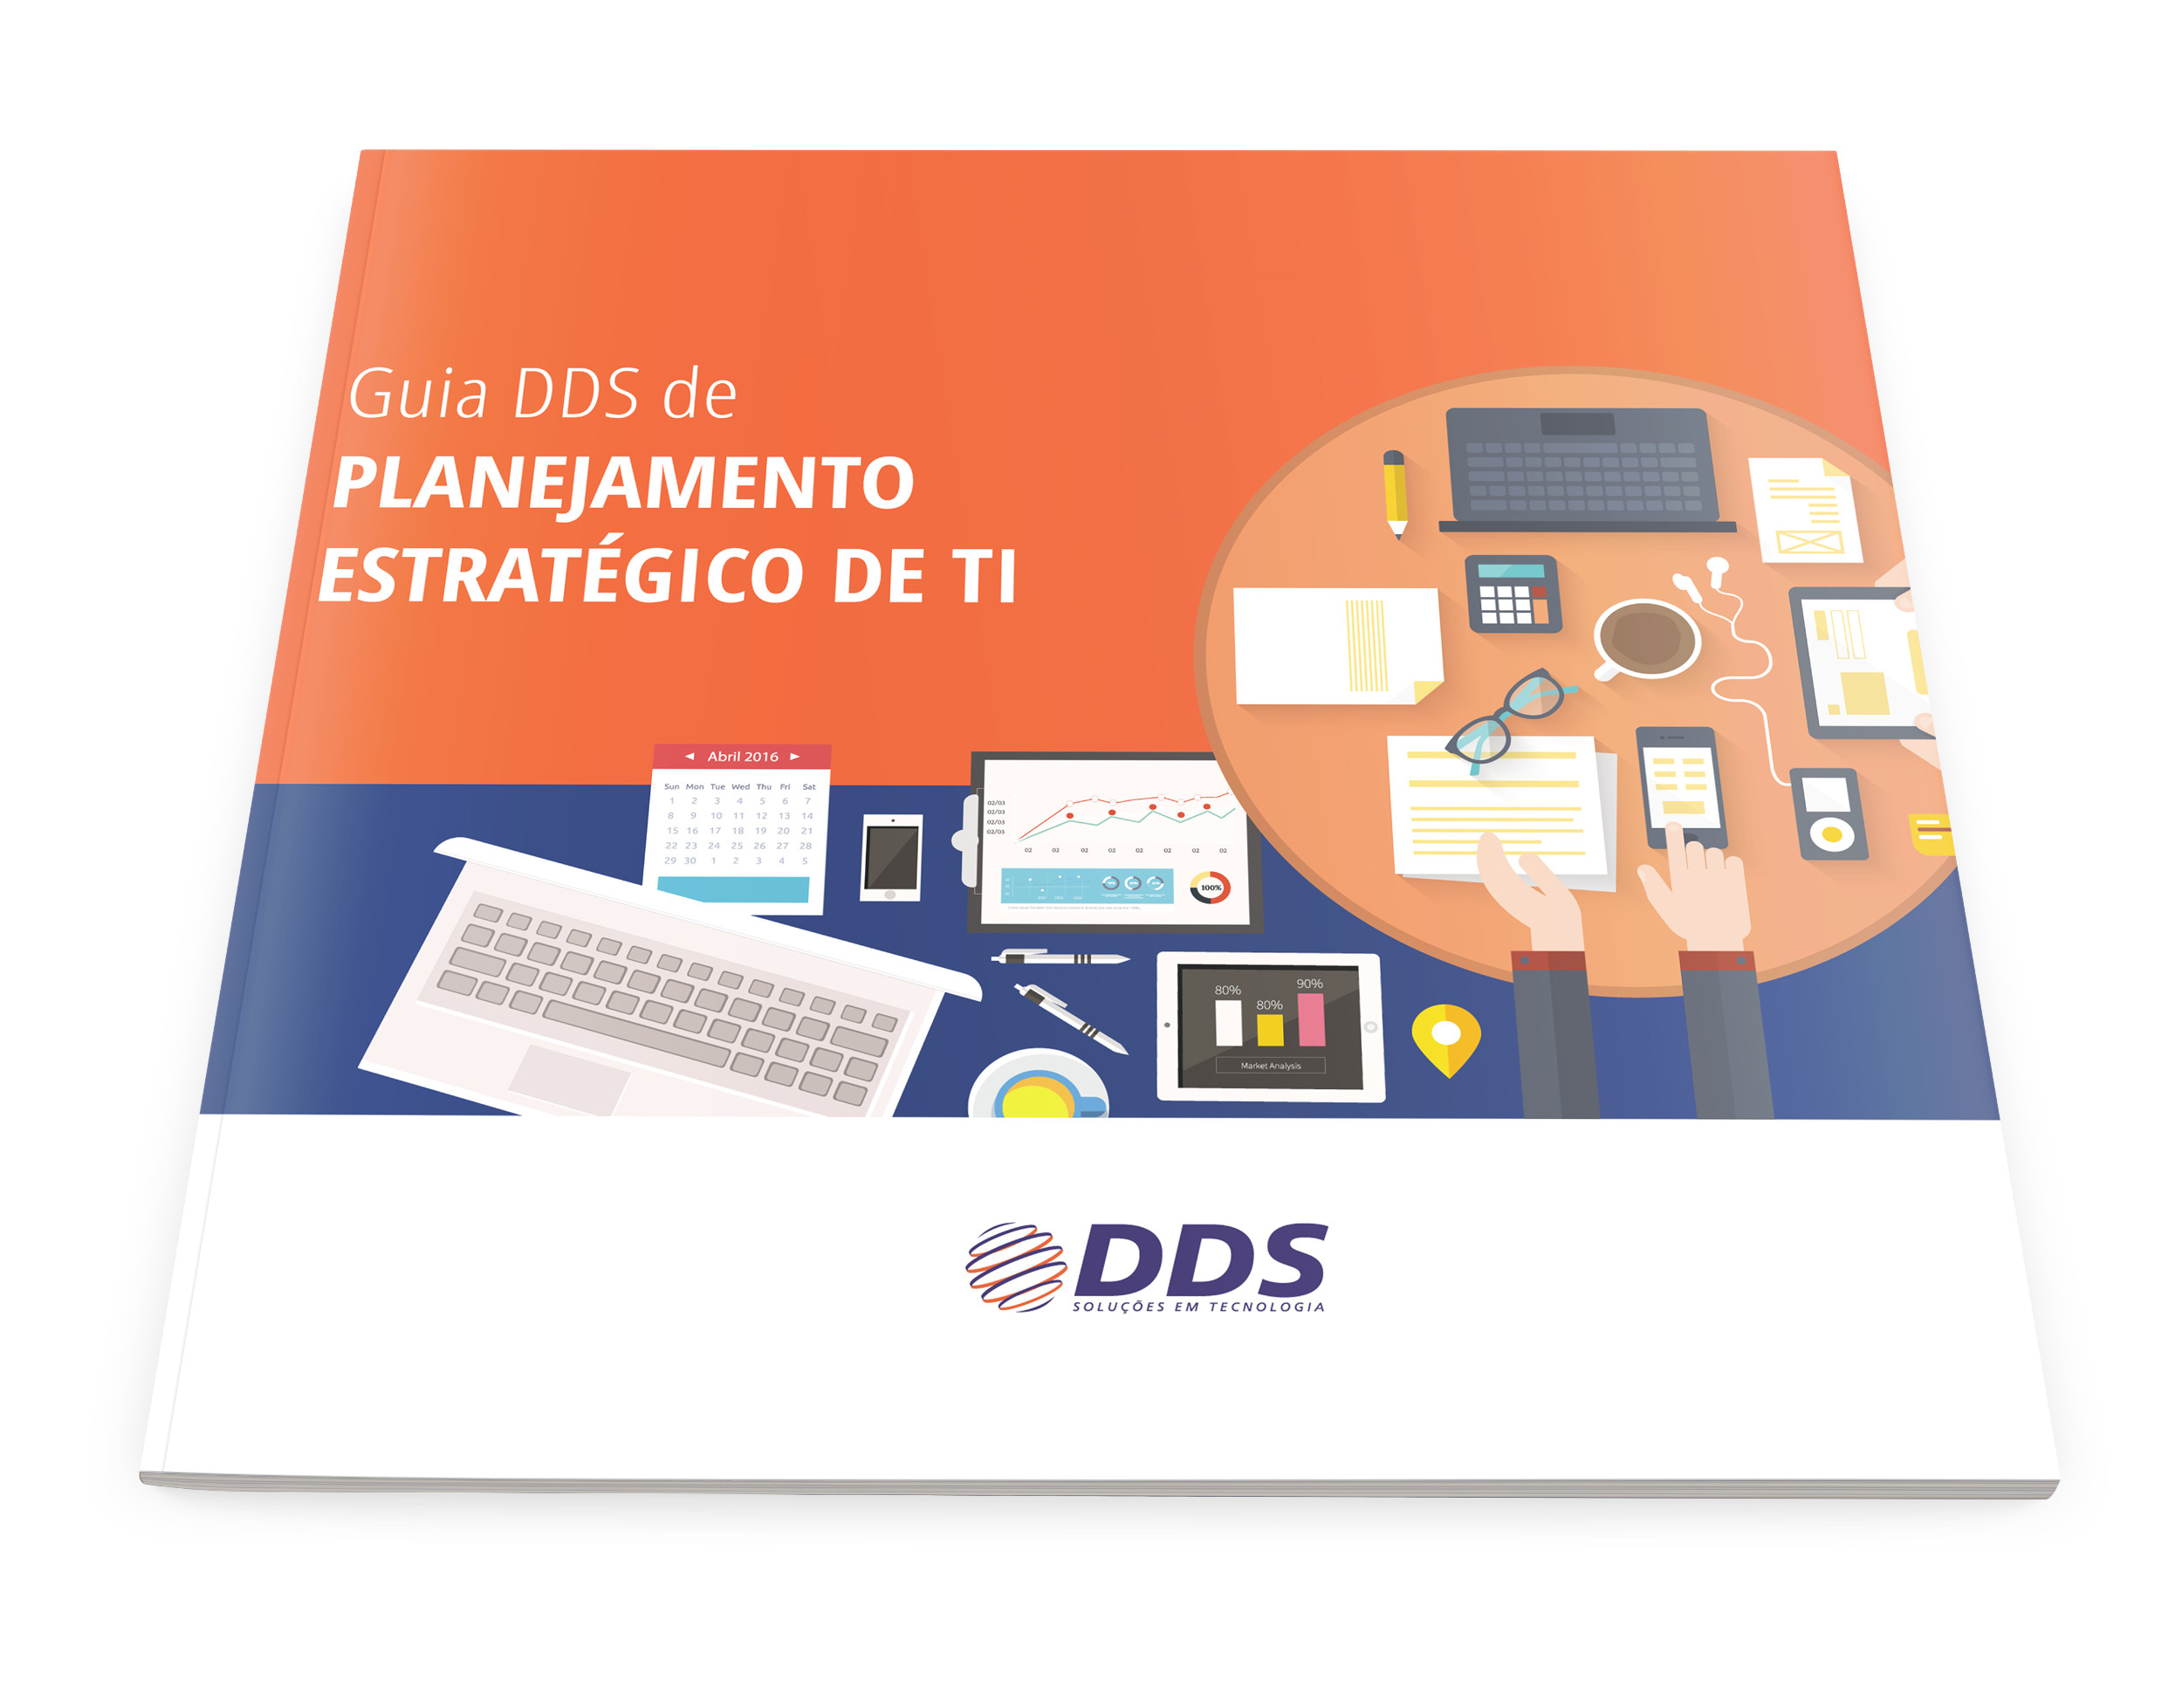 Guia DDS de Planejamento Estratégico de TI